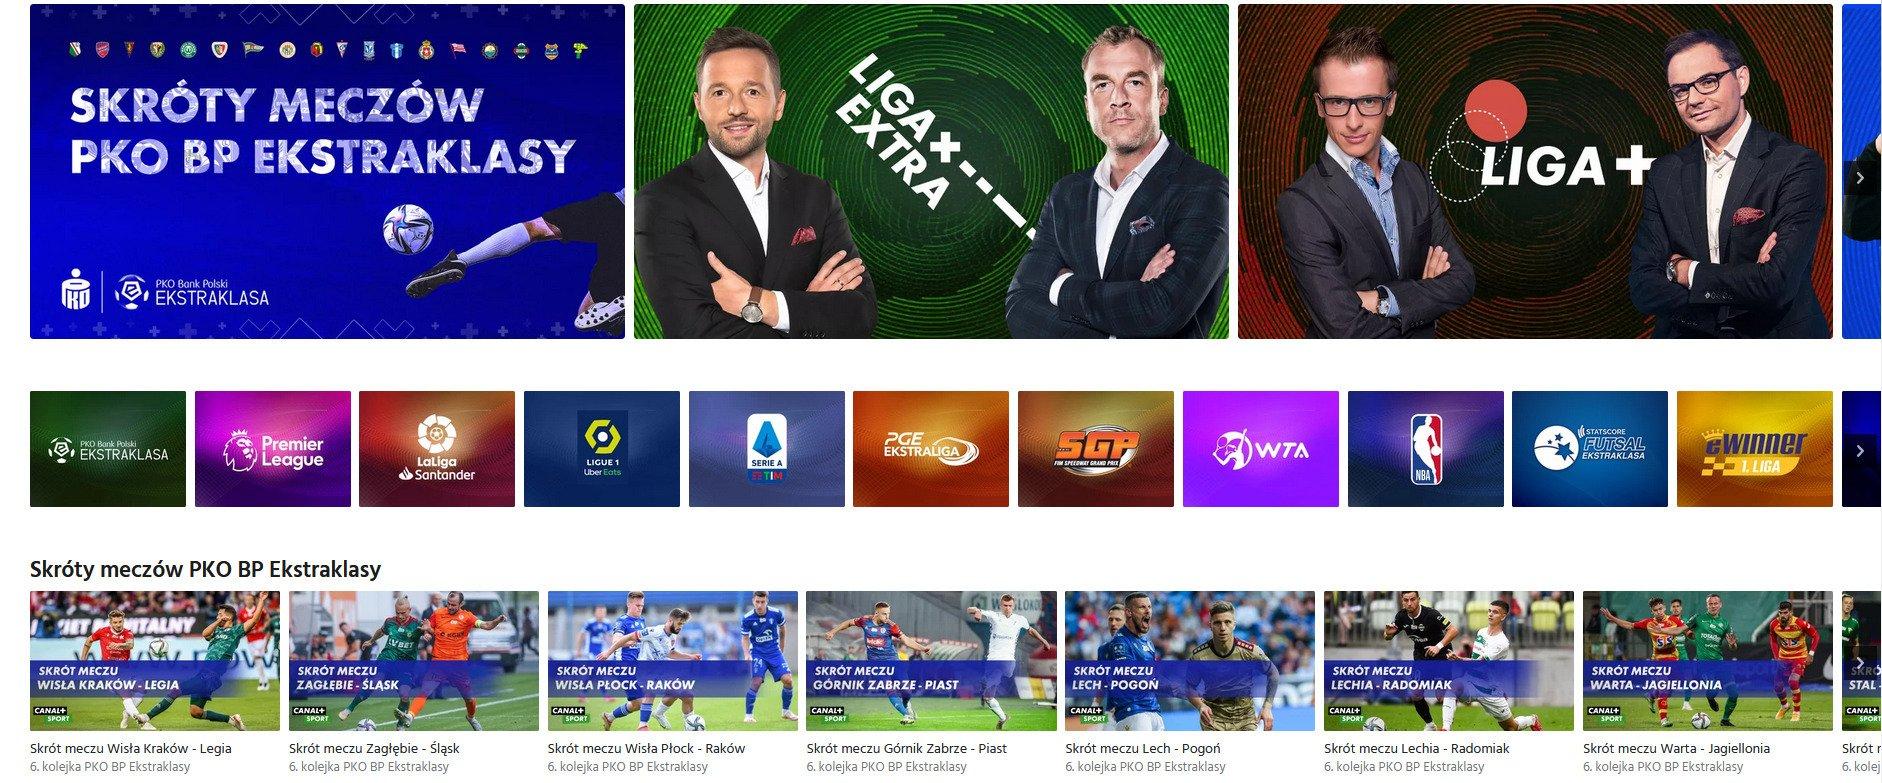 Mecze Ligi Mistrzów UEFA i najlepszy sport na żywo w jednym miejscu dzięki nowej ofercie serwisu CANAL+ online